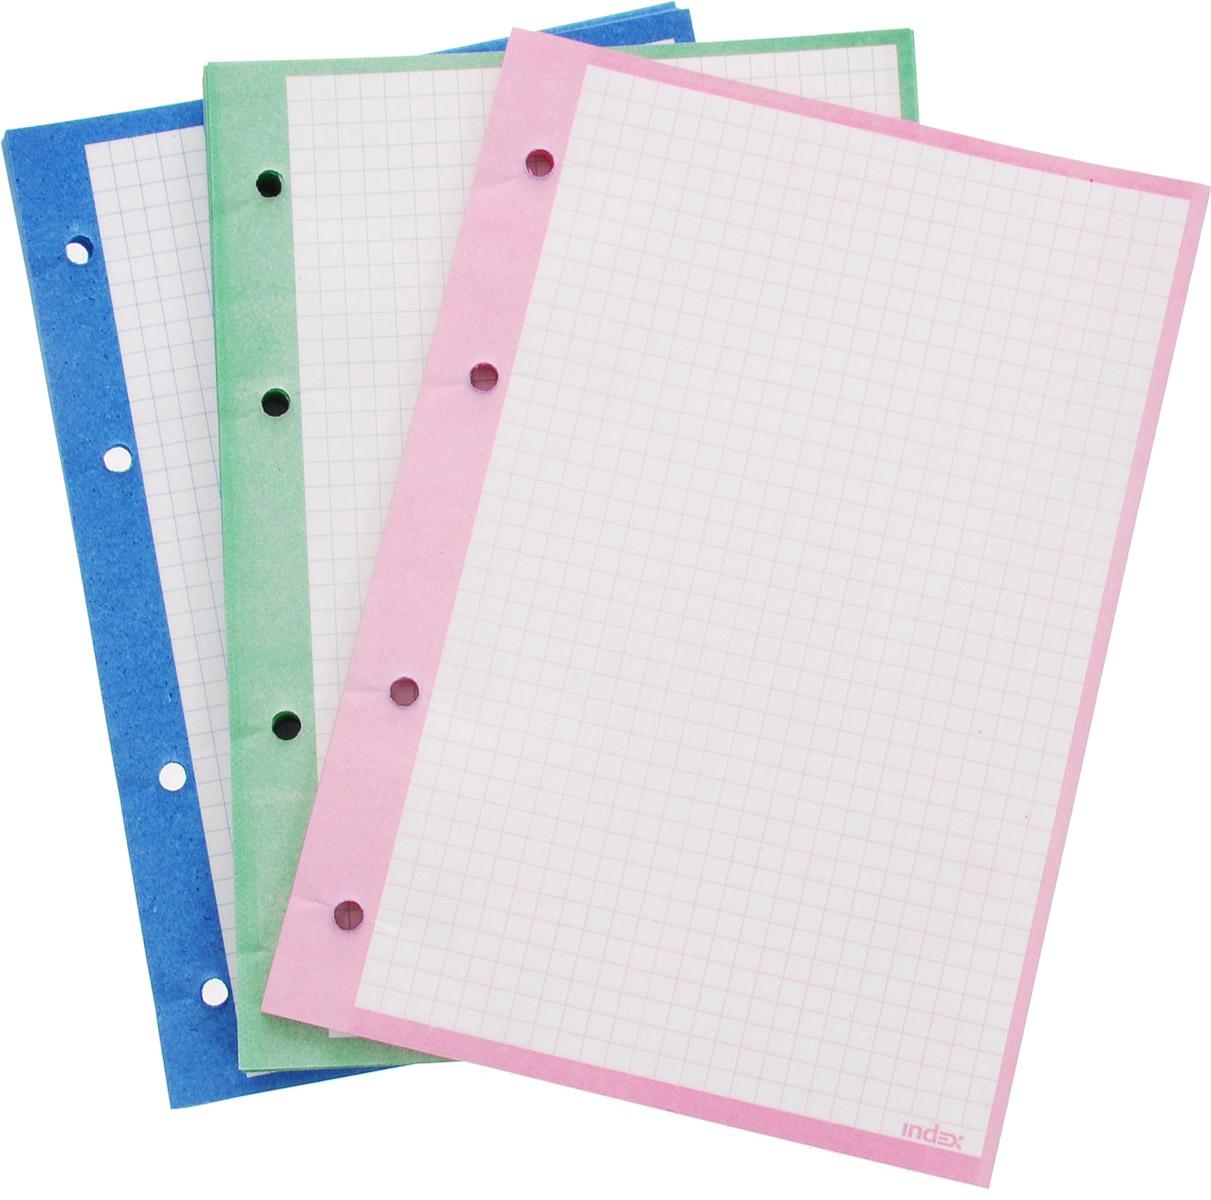 Сменный блок в клетку Index предназначен для тетрадей с кольцевым механизмом.Листы выполнены из высококачественной бумаги формата А5.Идеально подходят для использования всех видов пишущих принадлежностей, включая гелевые, капиллярные и перьевые ручки.